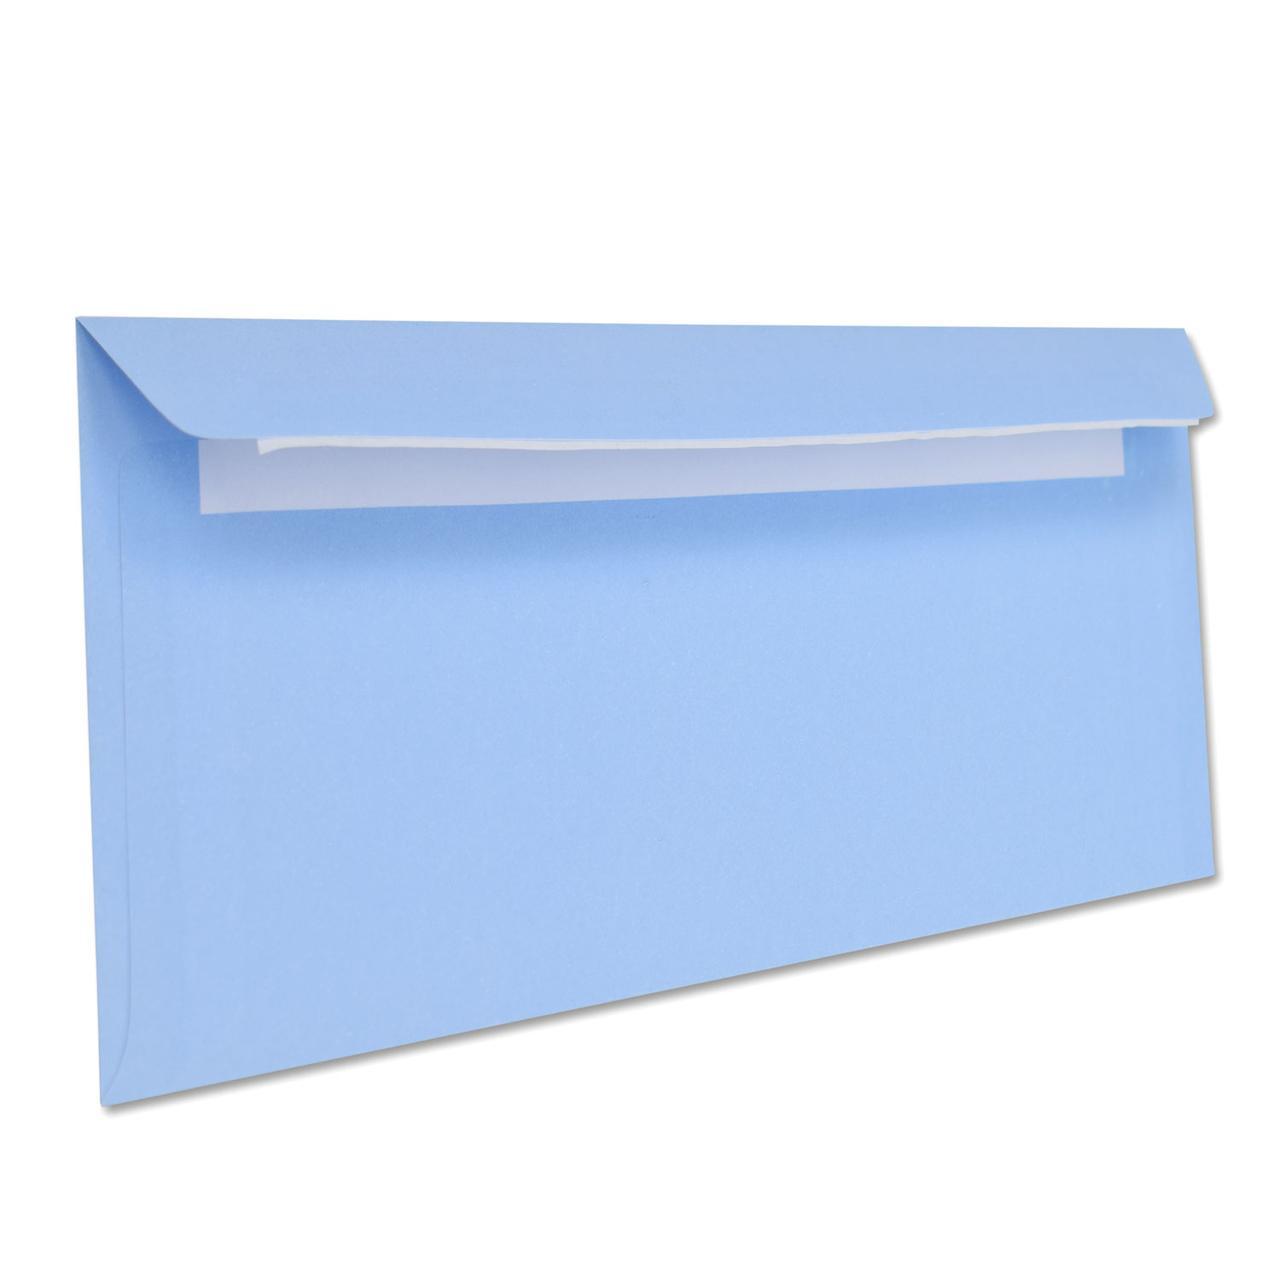 Цветной конверт Е65 (1+0) самоклеющийся с силиконовой лентой, голубой